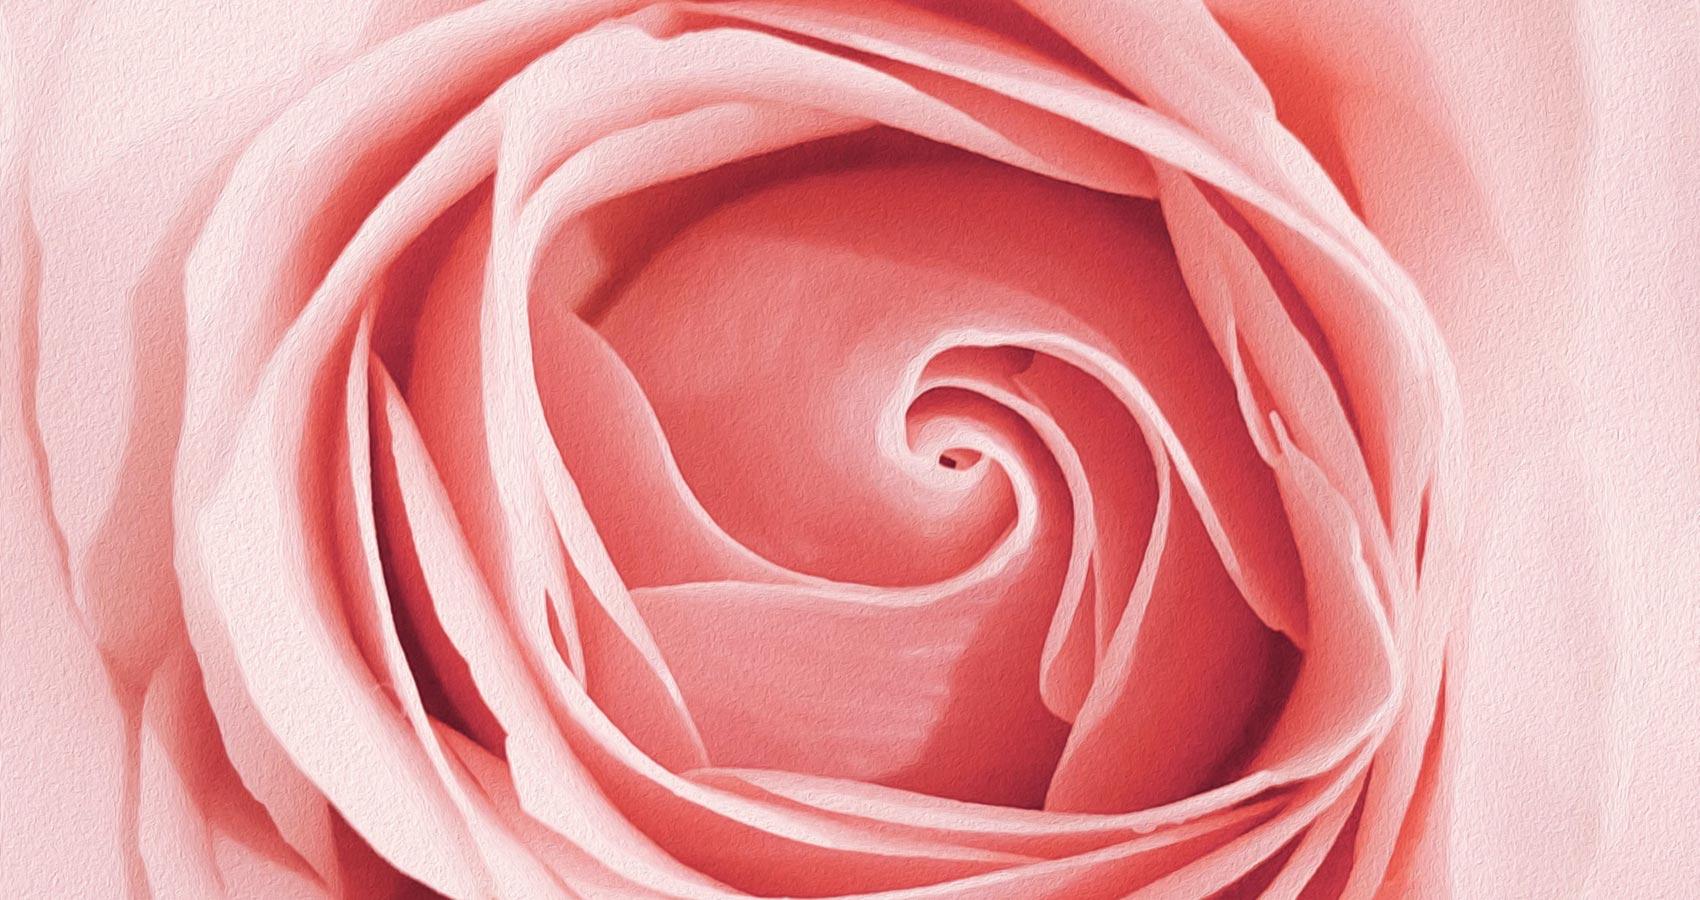 La Vie en Rose, poetry by Bhavya Prabhakar at Spillwords.com